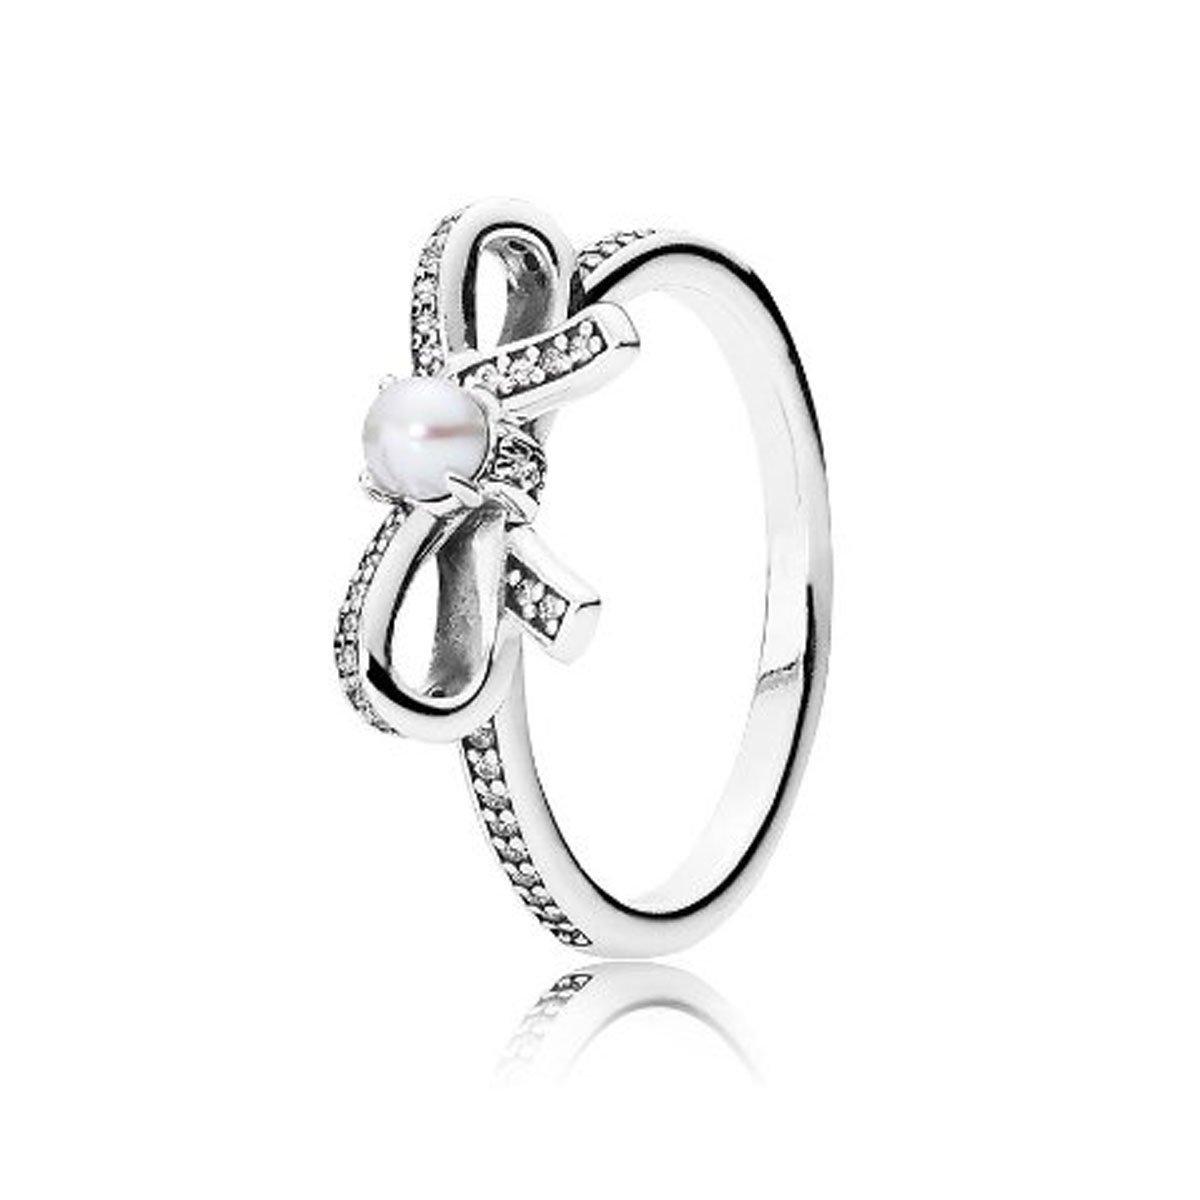 anello pandora con fiocco di neve